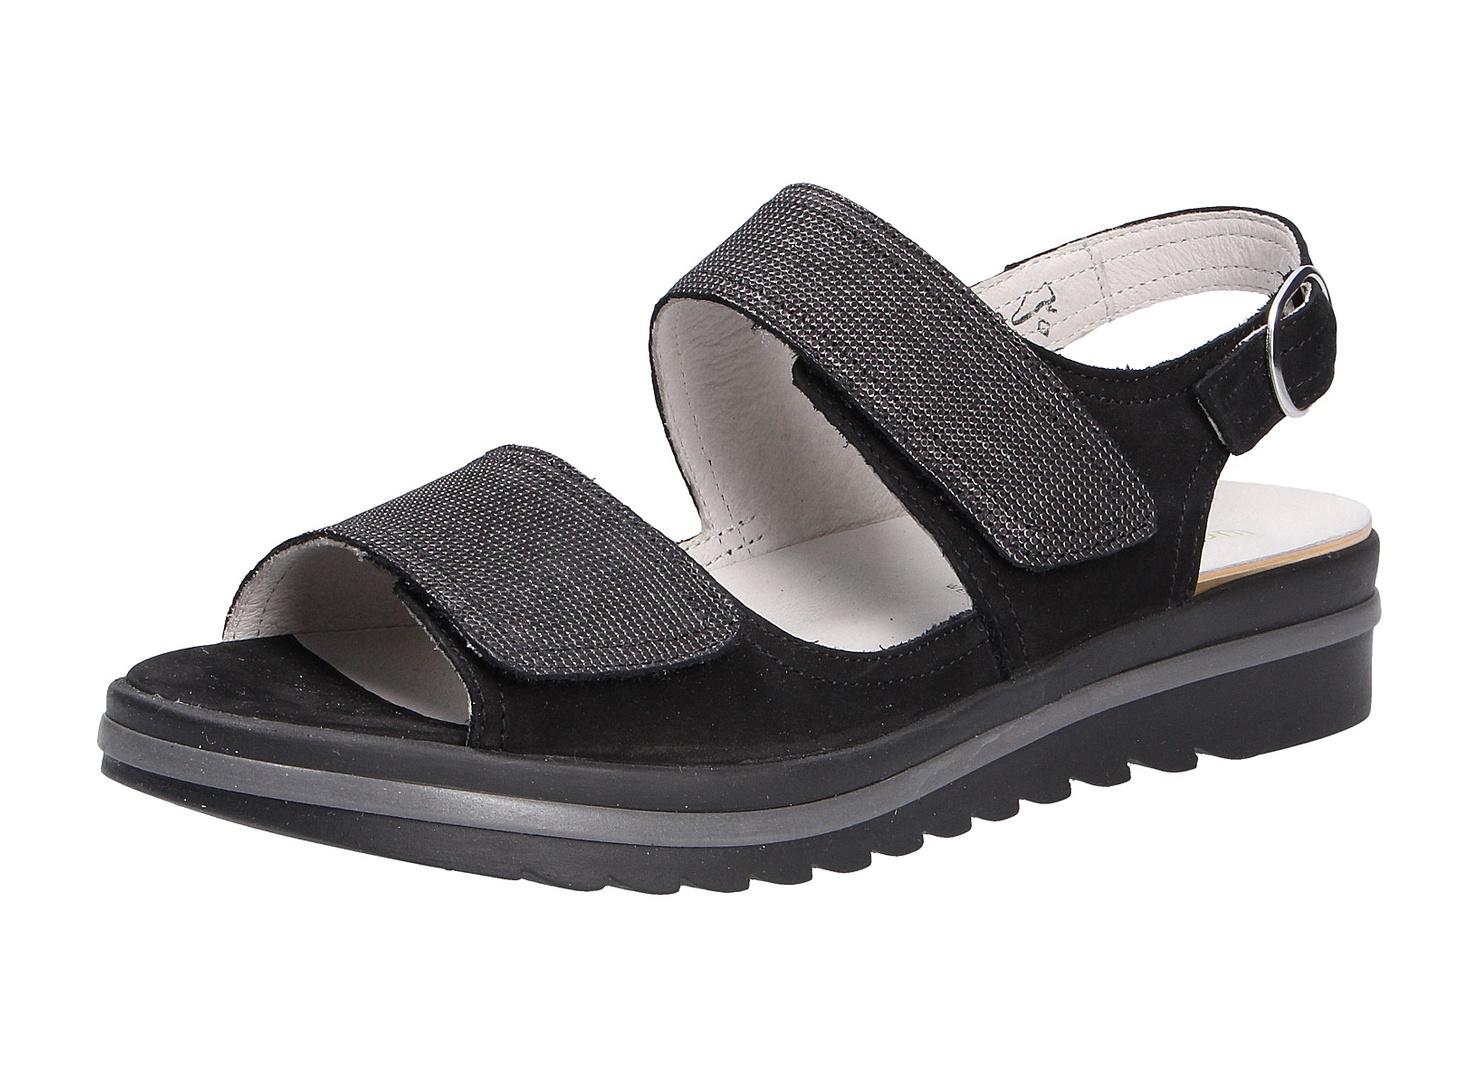 outlet store 33827 3c0c7 Waldläufer Schuhe online günstig kaufen   Hier finden Sie ...